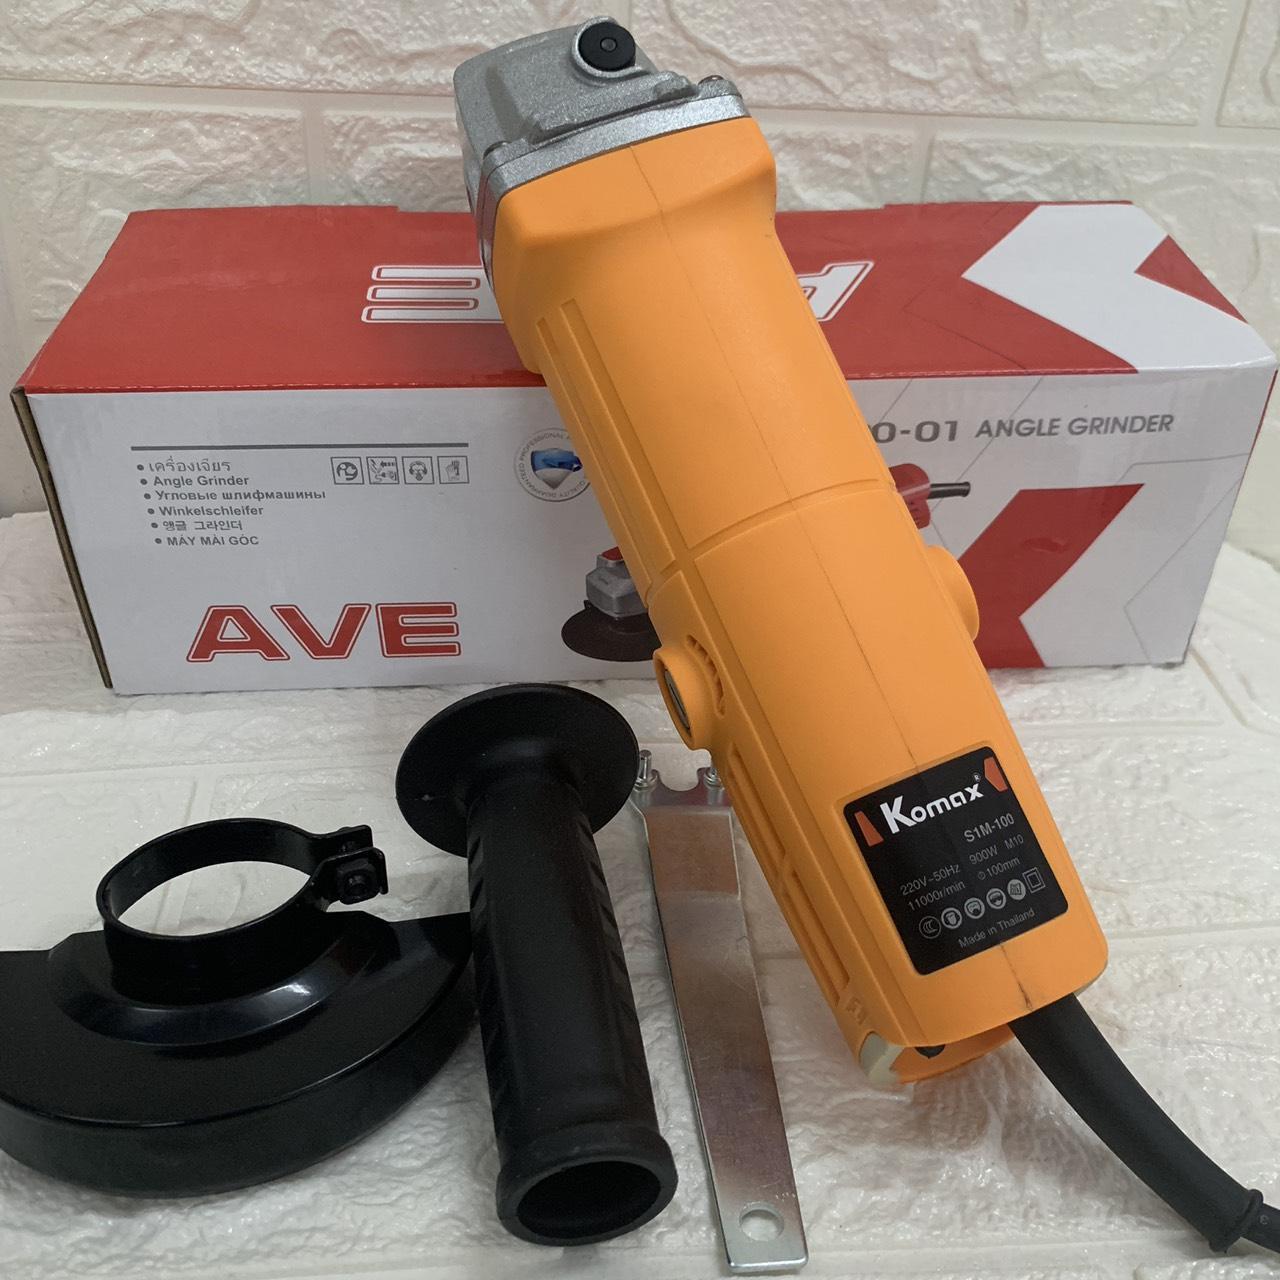 máy cắt góc 1 tấc KOMAX thái lan - máy mài cầm tay công suất 900w dây đồng bảo hành 12 tháng